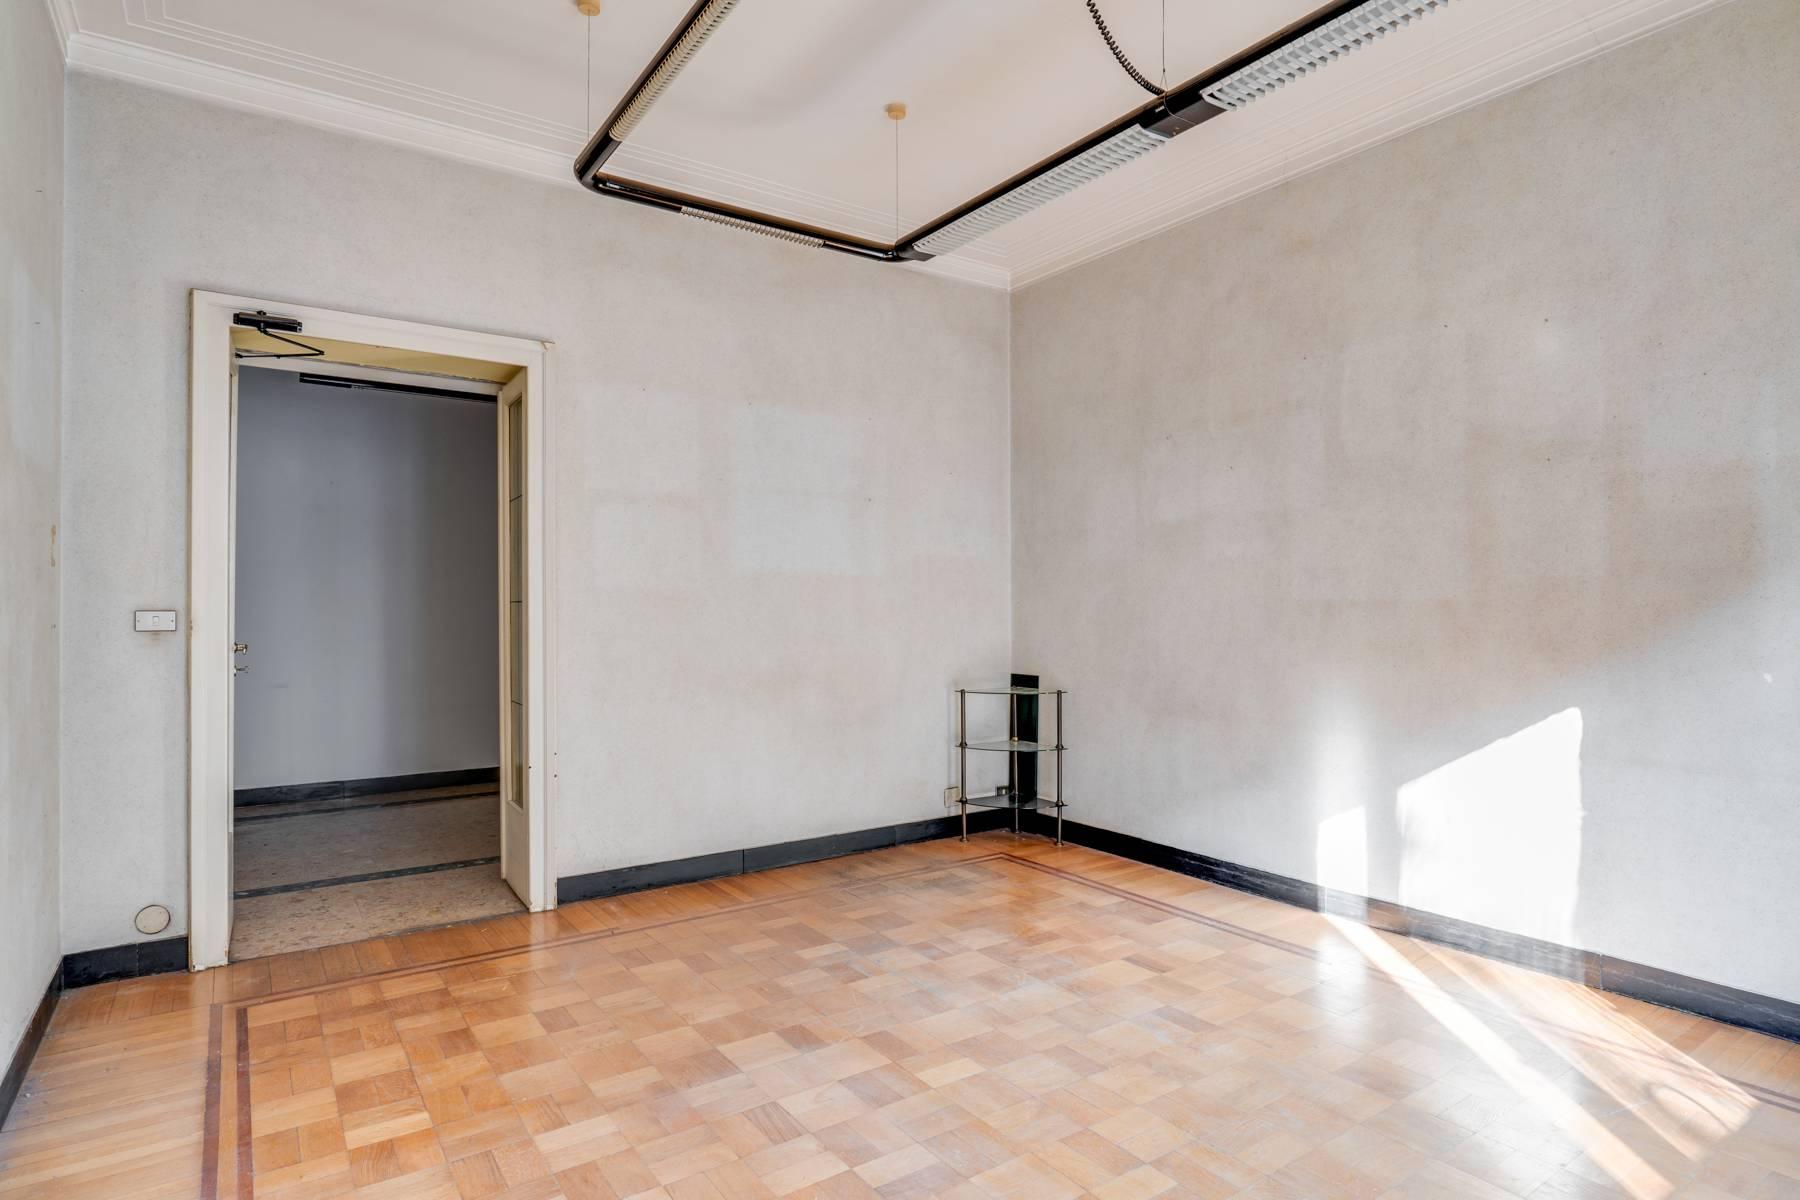 Ufficio-studio in Vendita a Torino: 3 locali, 140 mq - Foto 6